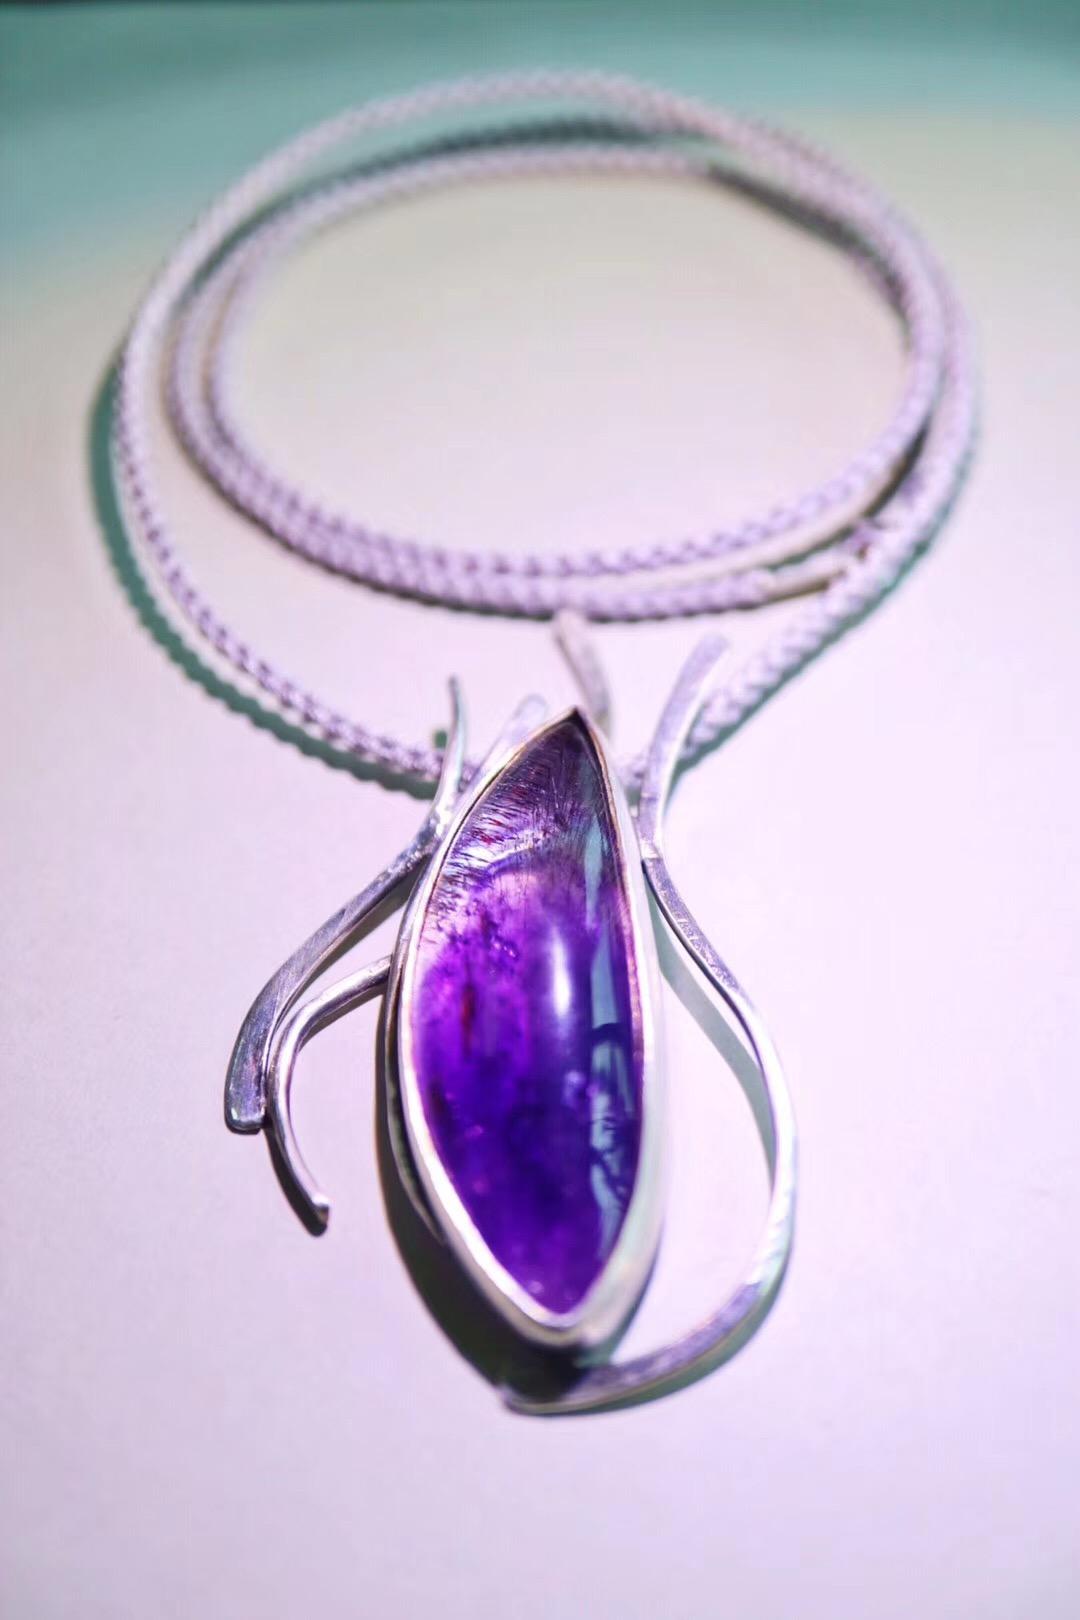 【菩心-紫发晶】梦幻紫发晶,可助安神,增强灵感。-菩心晶舍